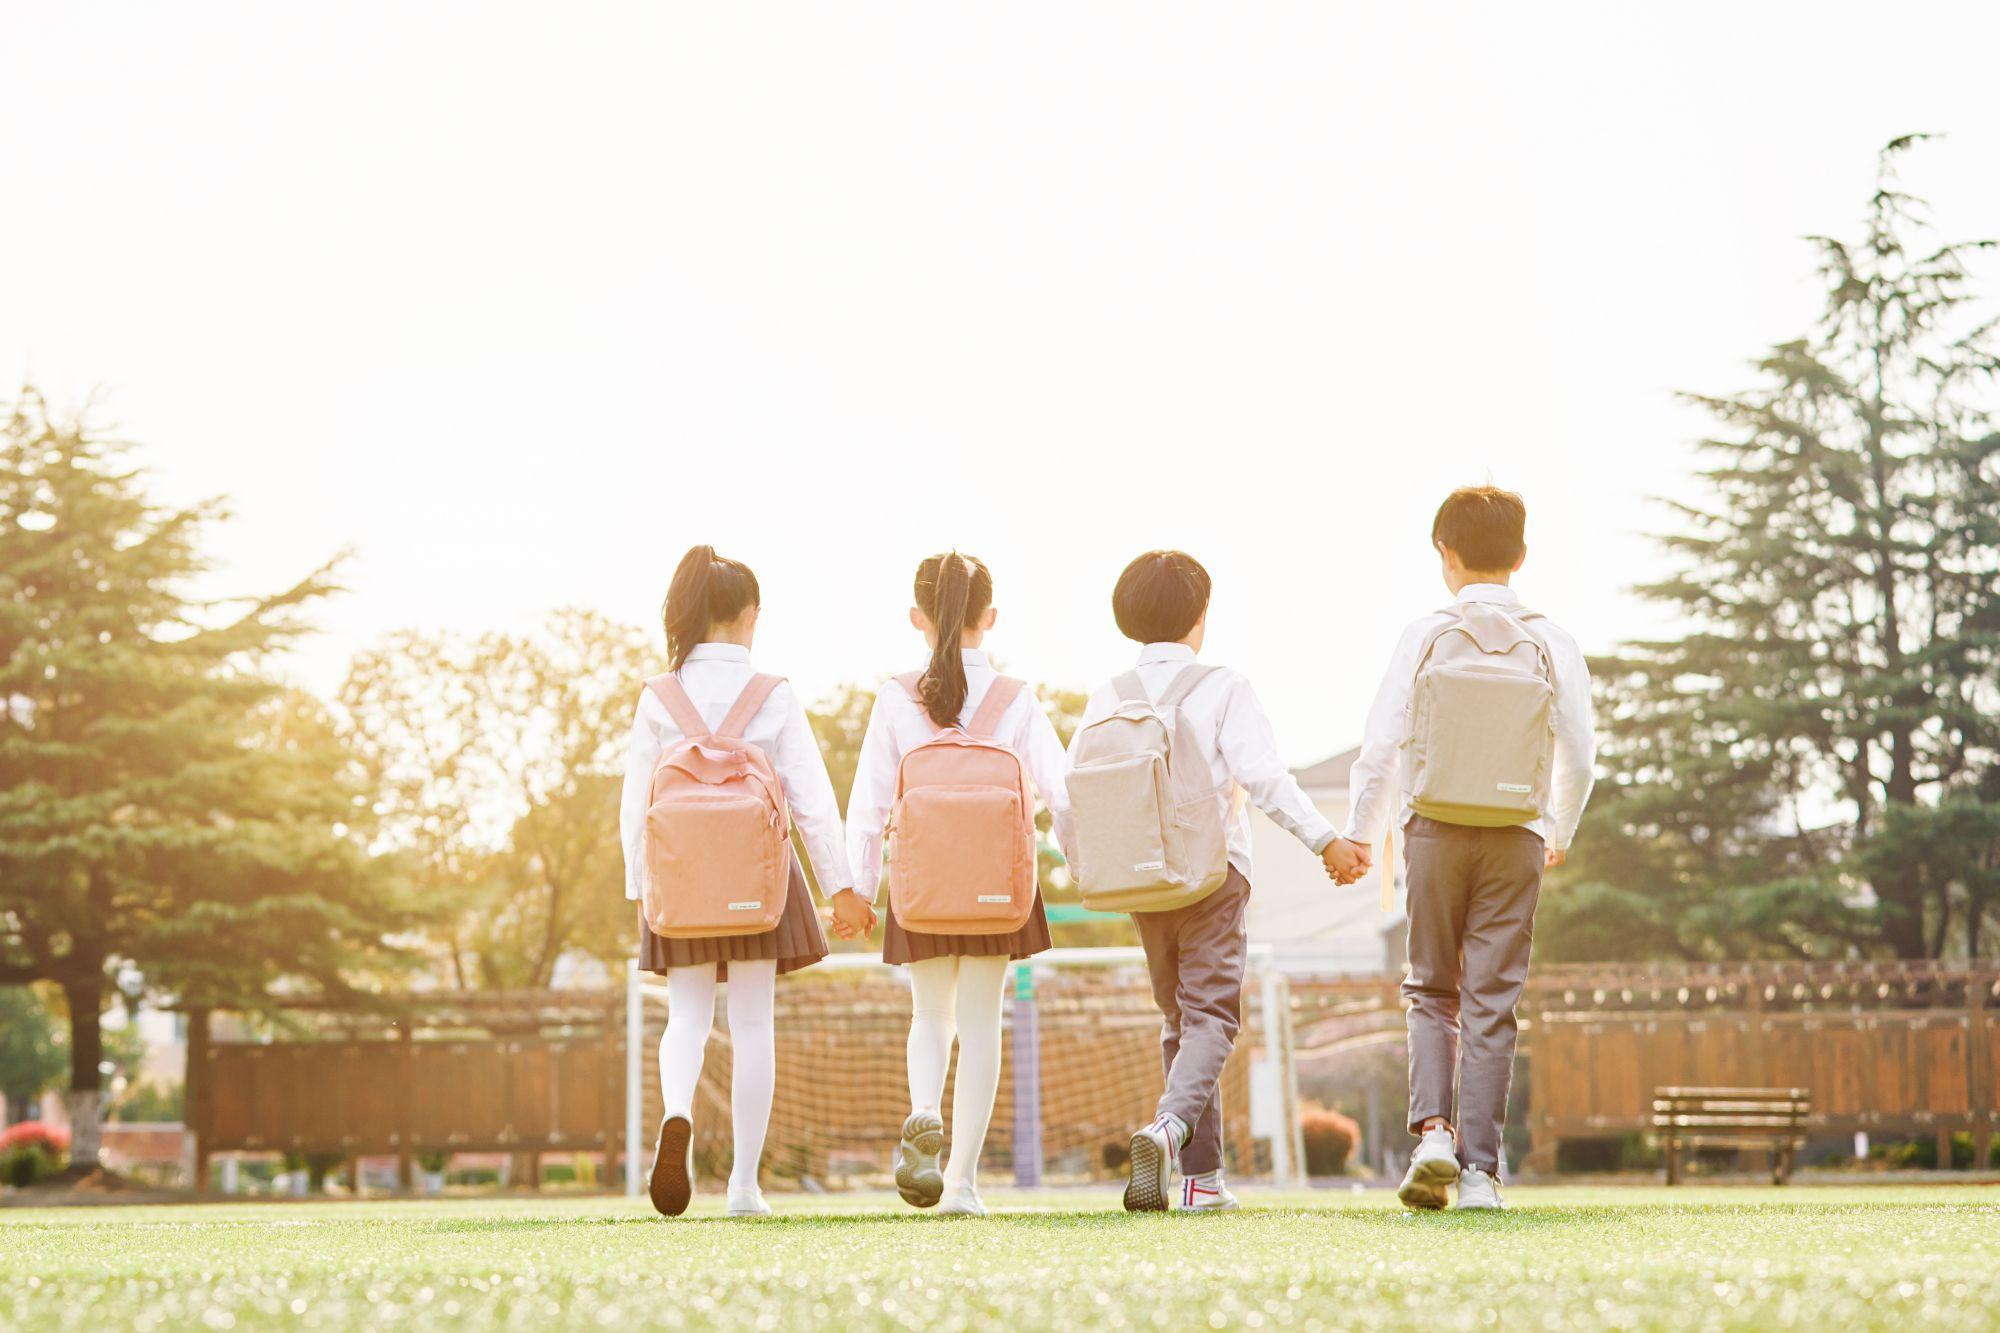 12部门发布儿童青少年心理健康行动方案 六大行动为少儿心理健康护航